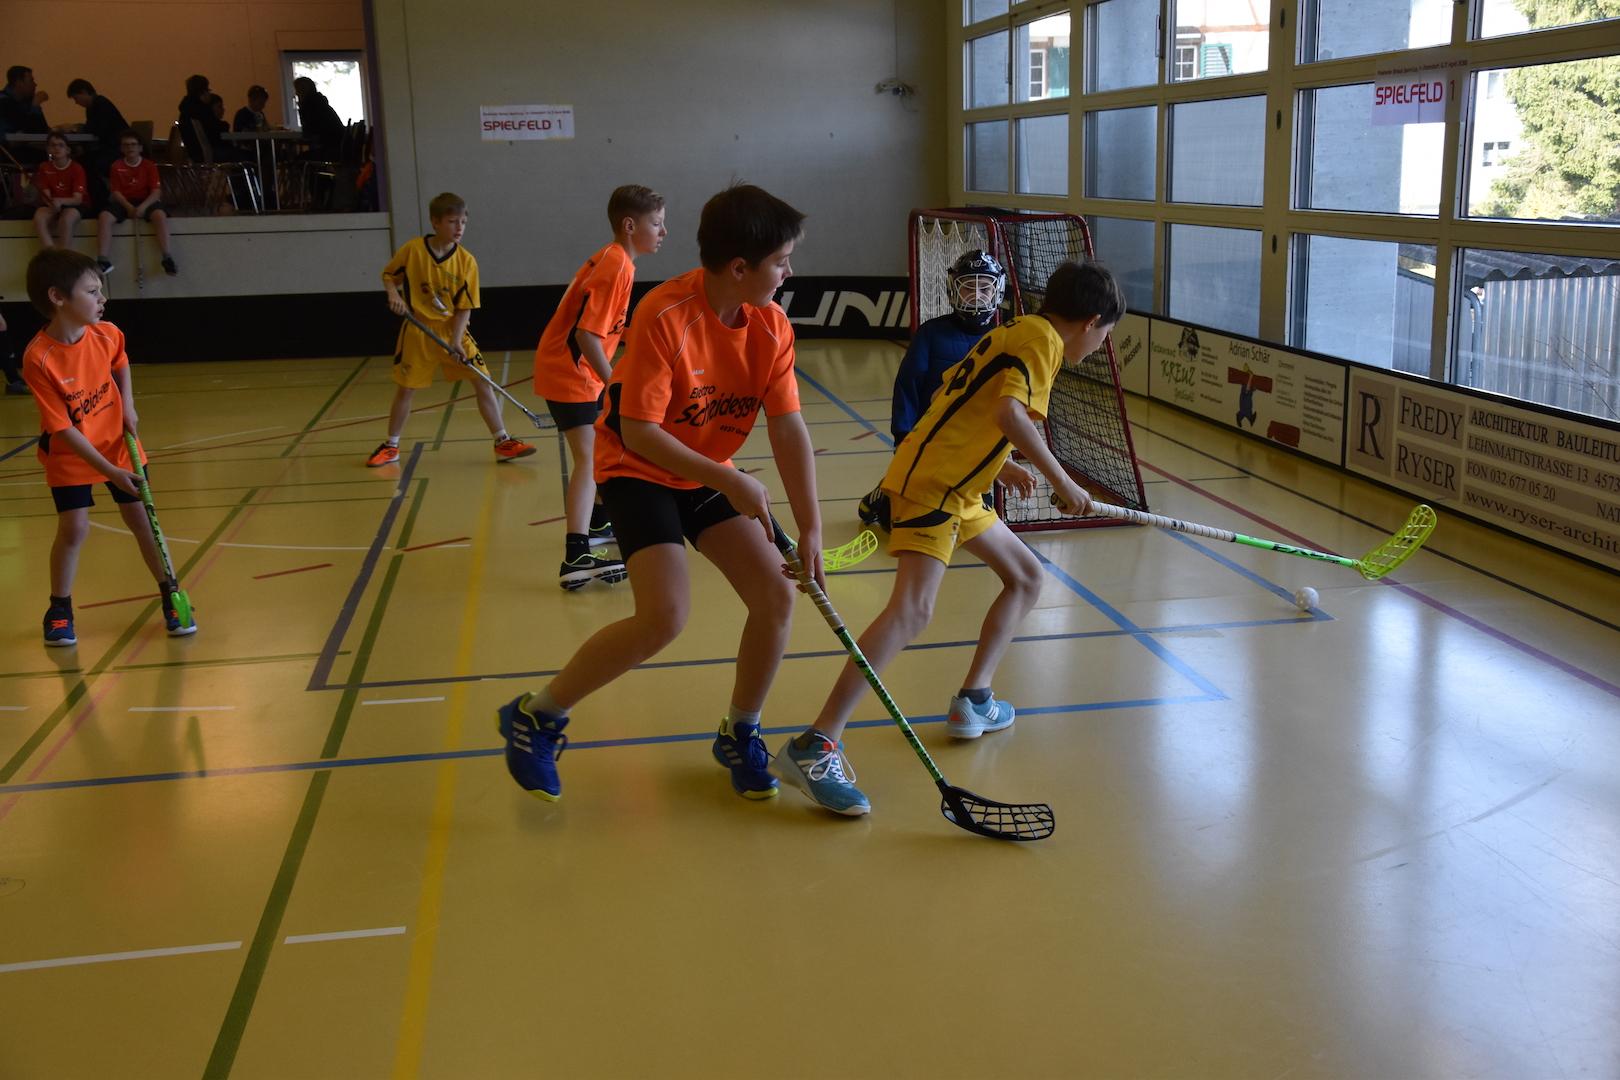 2018 Straubsport Unihockey Cup, Finalrunde Saison 2017/18